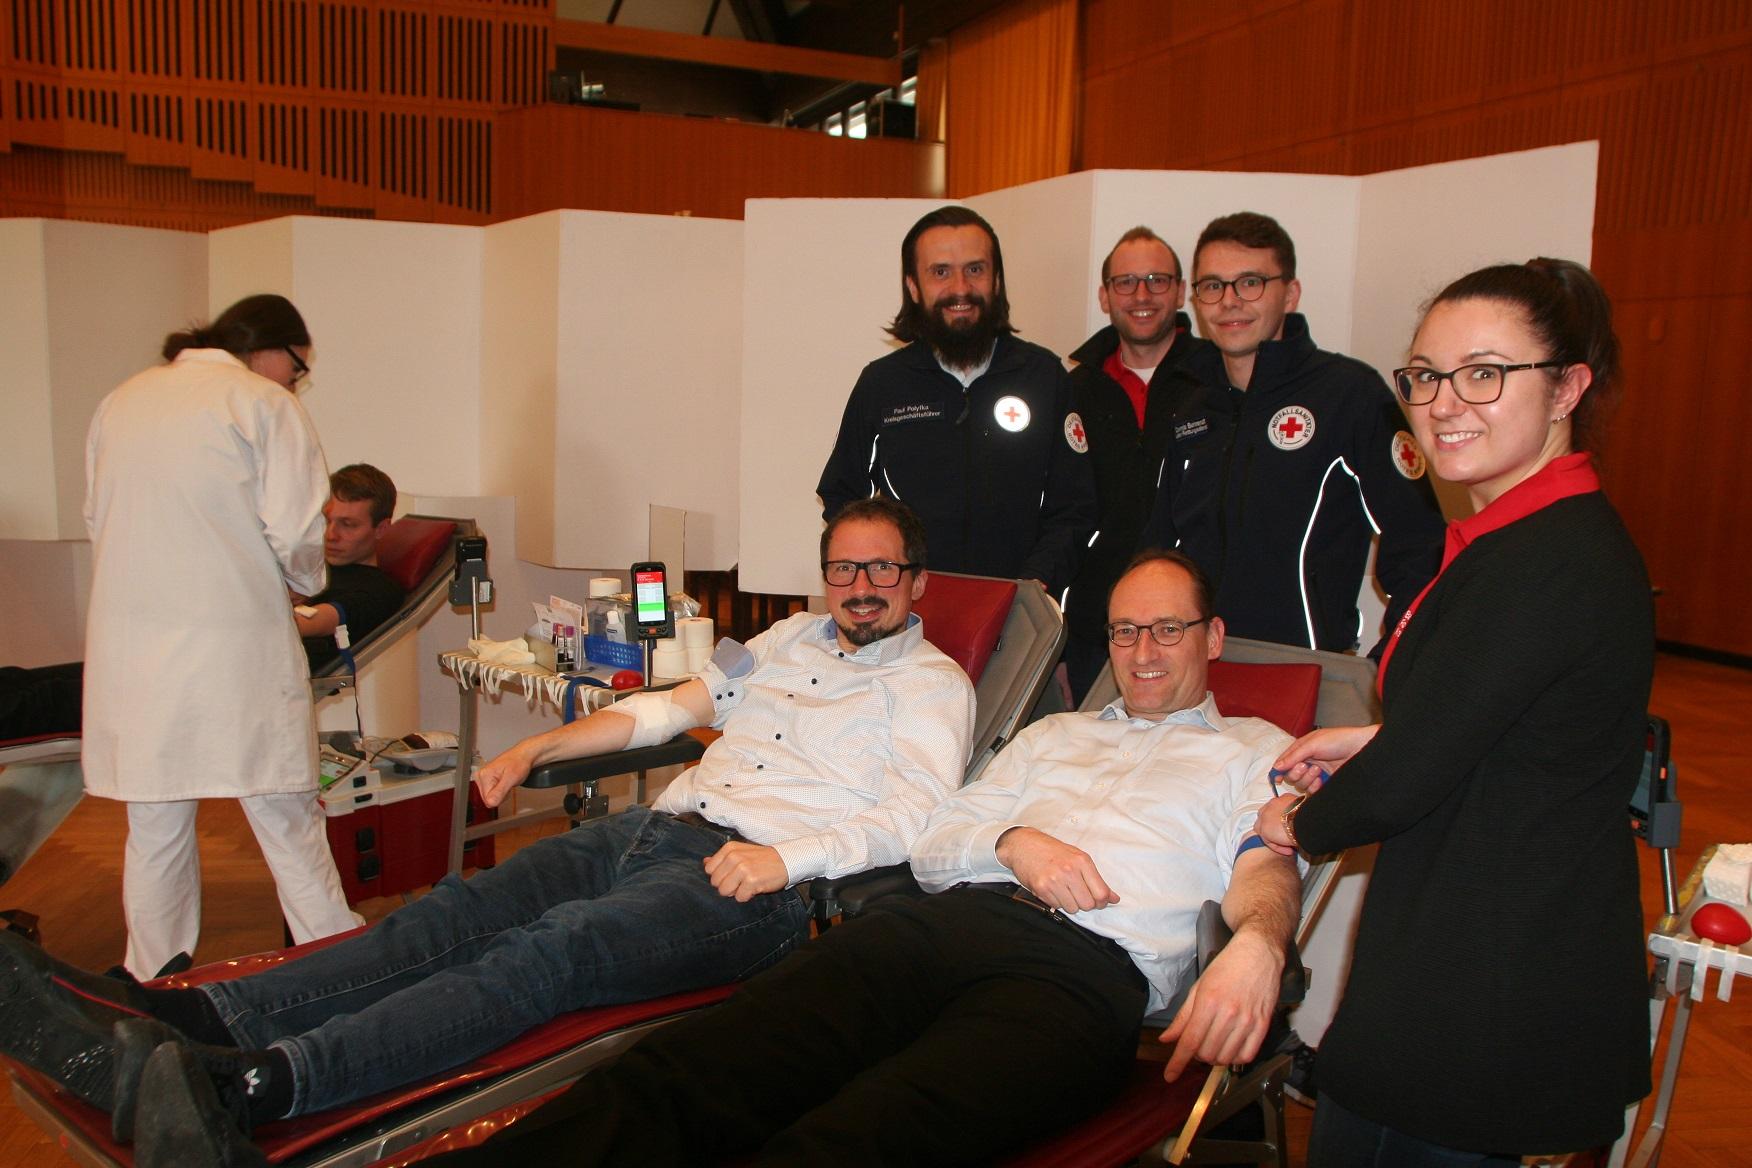 Foto (jeweils von links): Liegend: Matthias Nuber, Bernhard Goodwin und Bernhard Seidenath. Stehend: Paul Polyfka, Nico Schuster, Dennis Behrendt und Bettina Kugler.